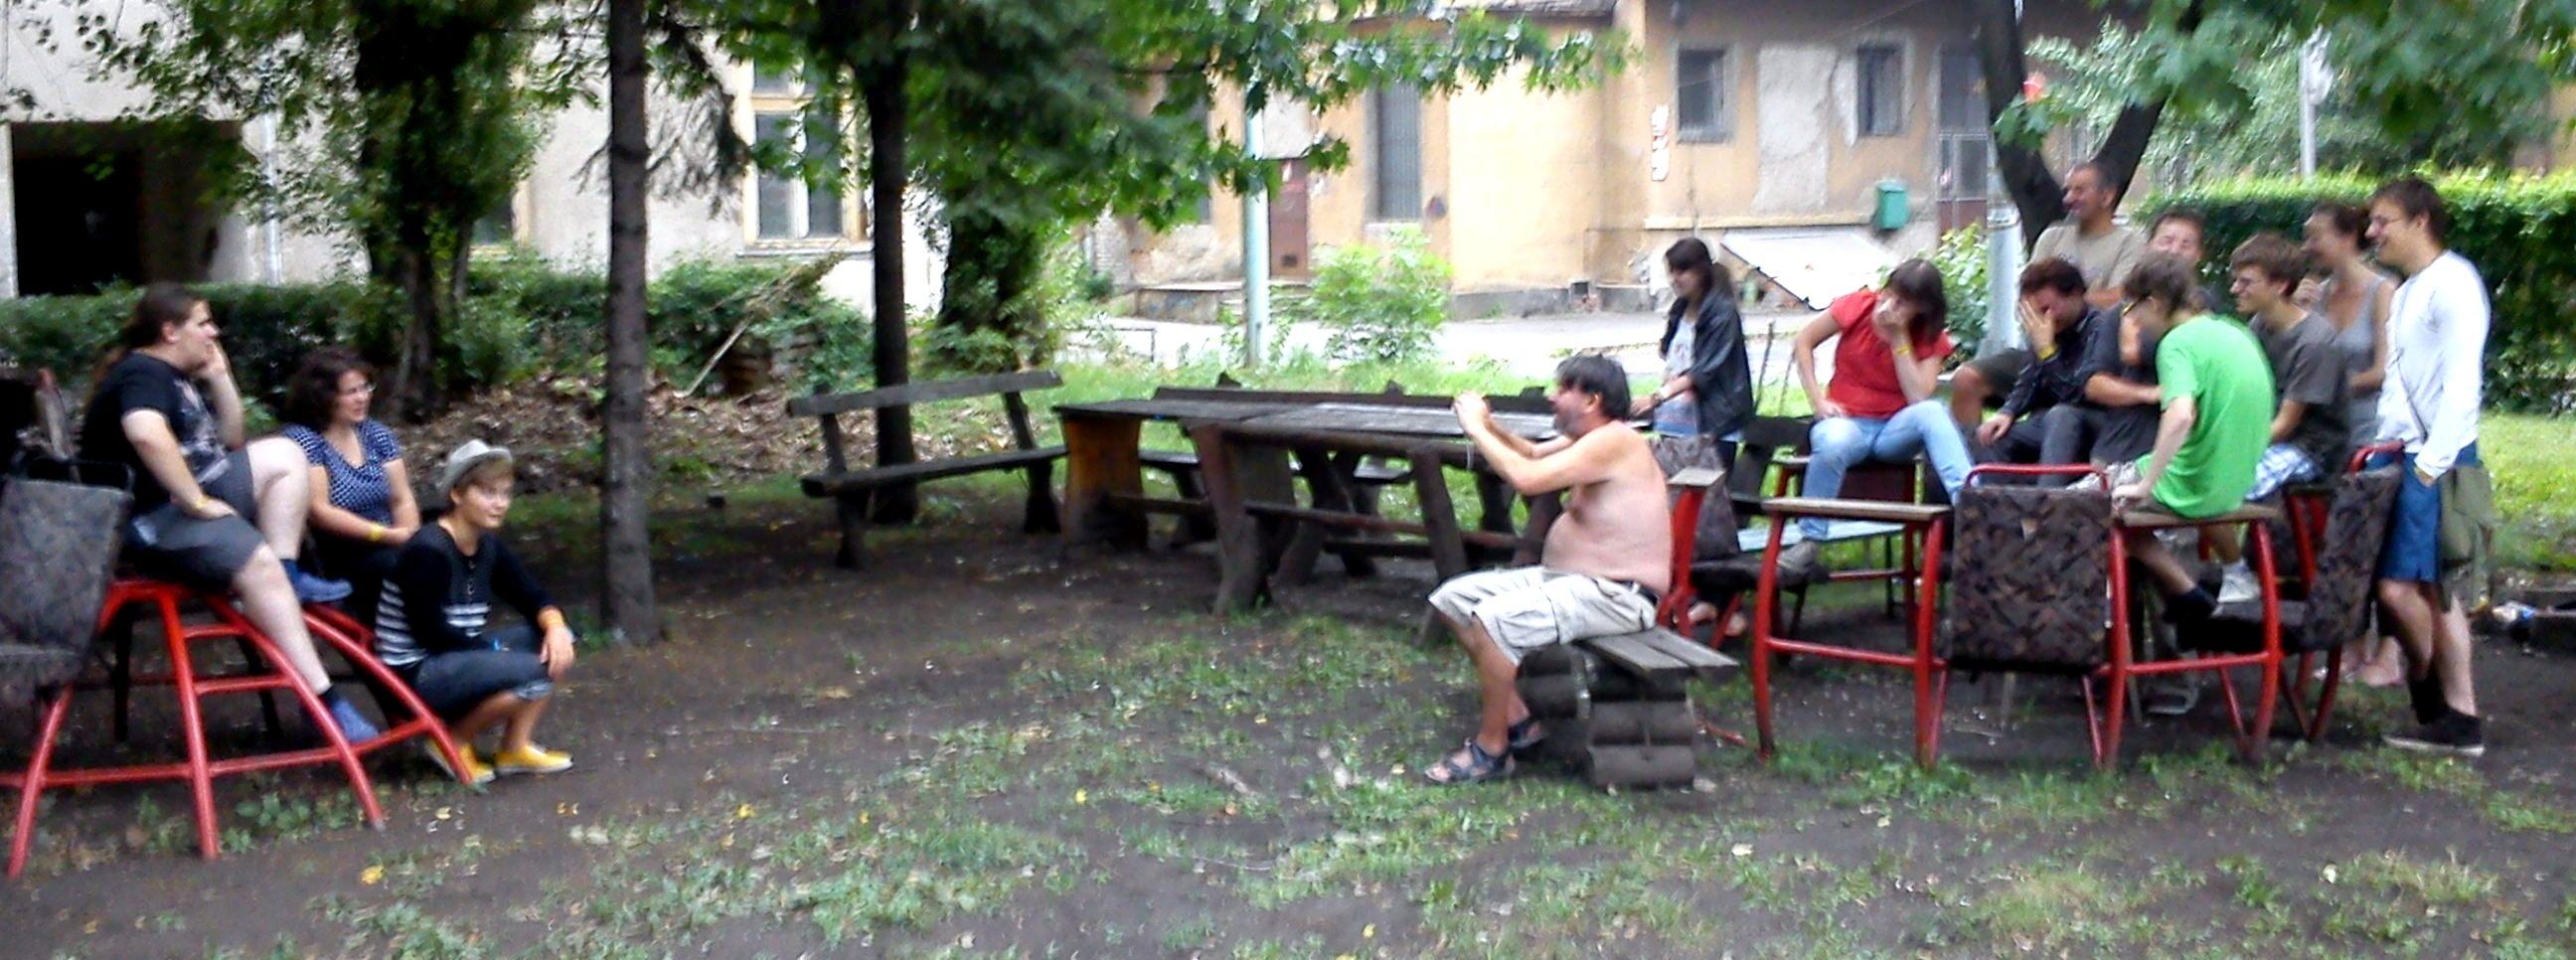 Szöveggyár tábor 2012 - csoportkép1.jpg